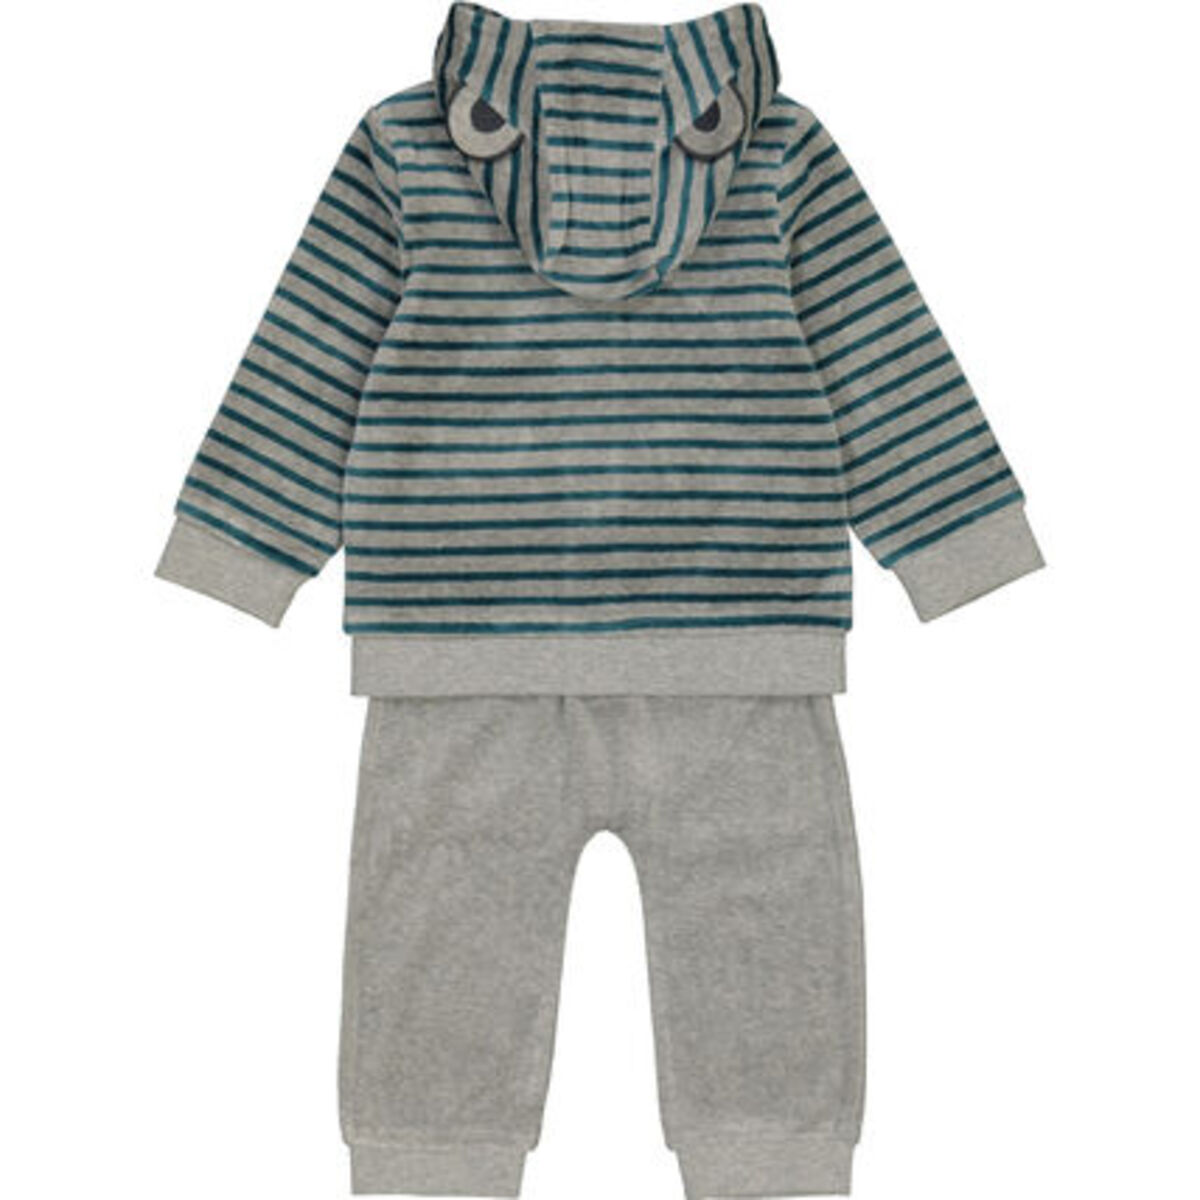 Bild 2 von MANGUUN Anzug-Set, 3-teilig, Nicki-Stoff, für Baby Jungen